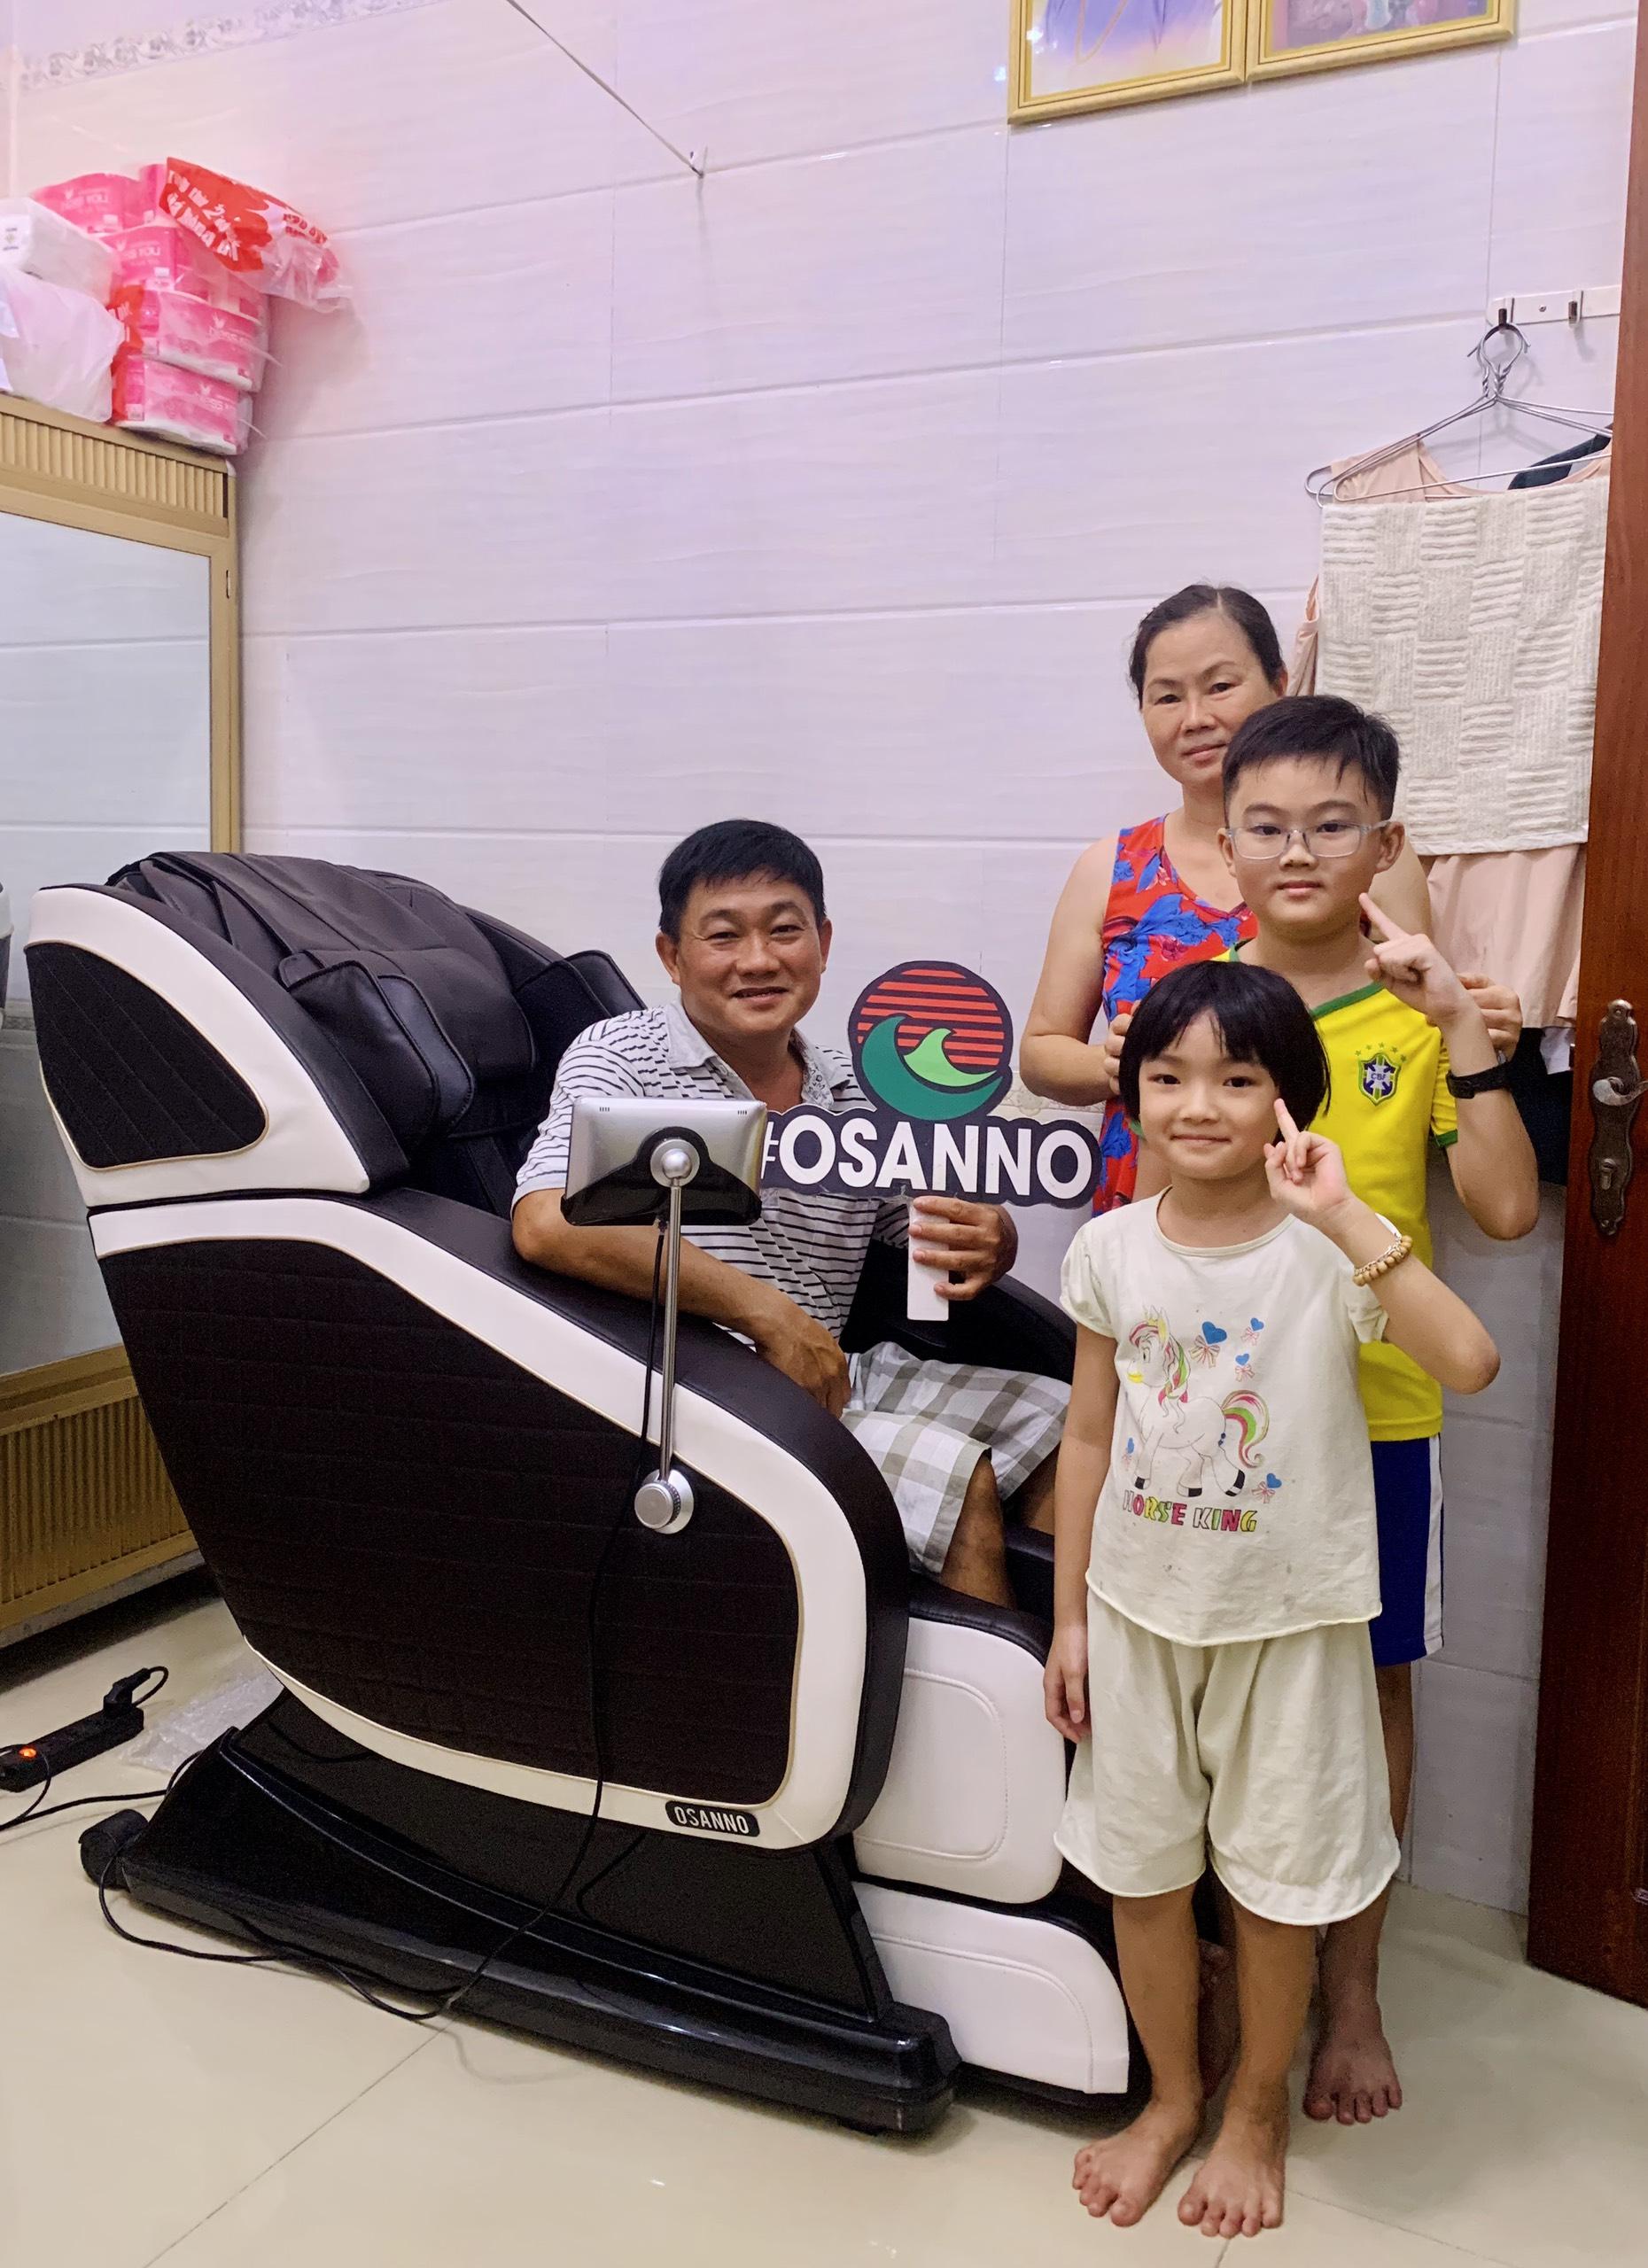 Ghế massage toàn thân Osanno, sản phẩm đảm bảo sức khỏe cho cả gia đình!